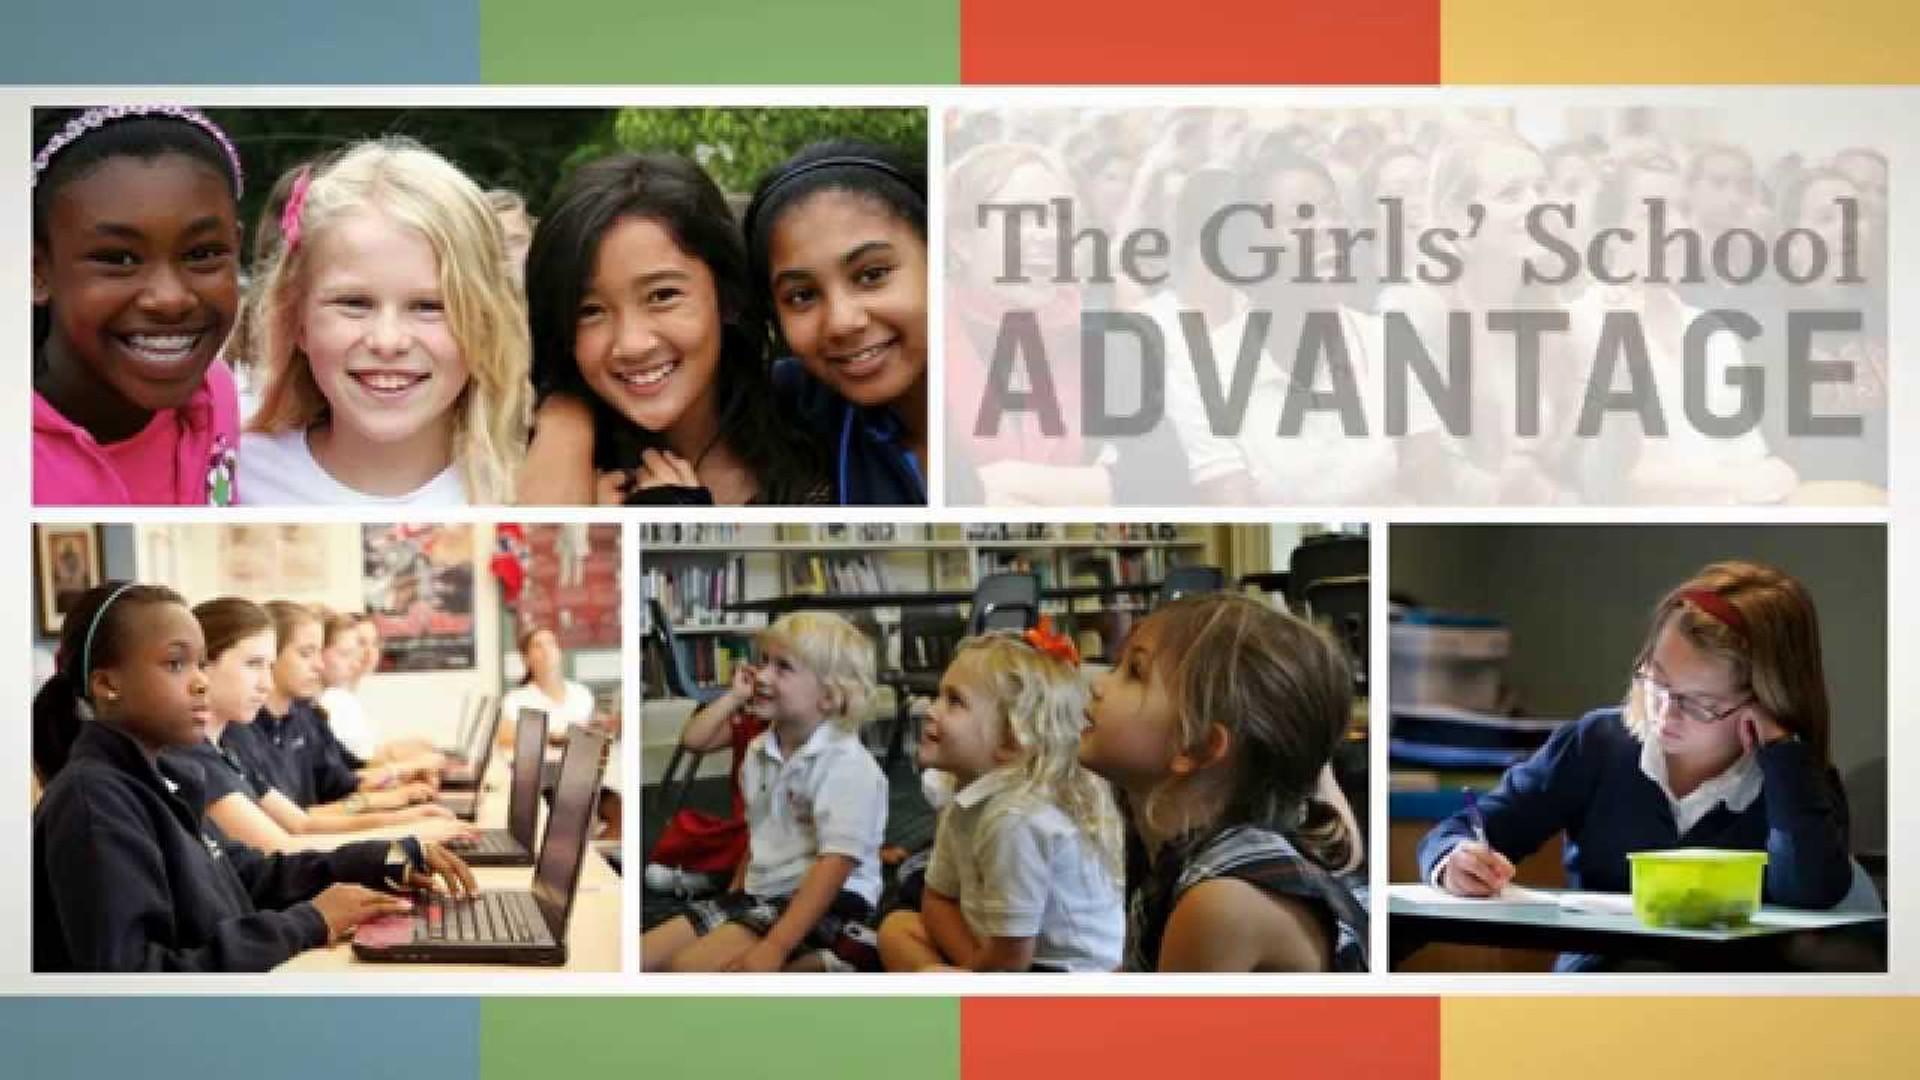 Las ventajas de las escuelas femeninas